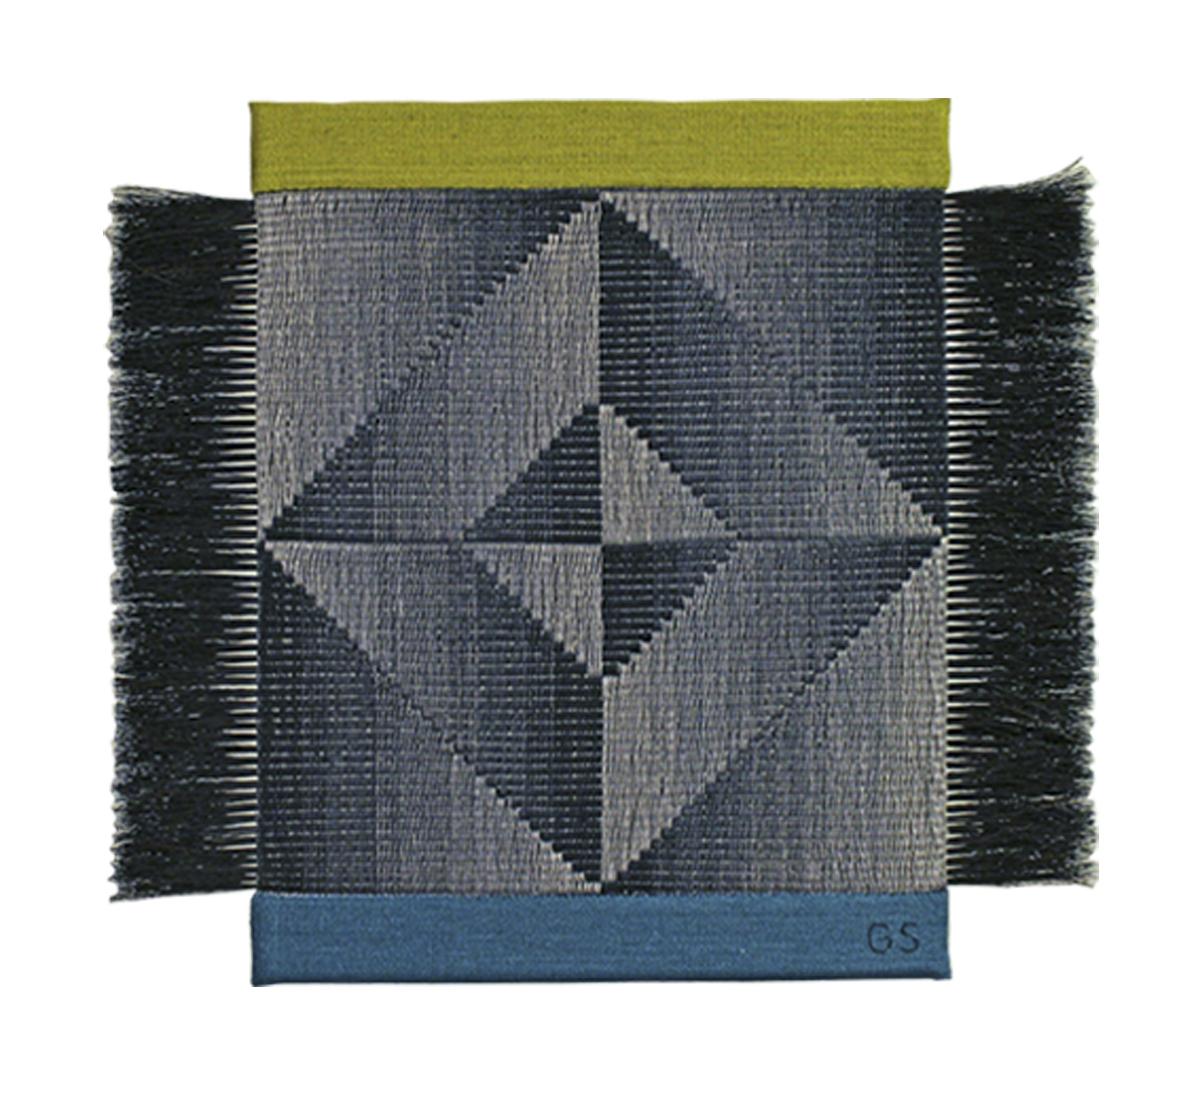 Gudrun Söderholm Textil | Väv, lin och tagel 35 x 32 cm 3 200 kr konsthantverkscentrum.org